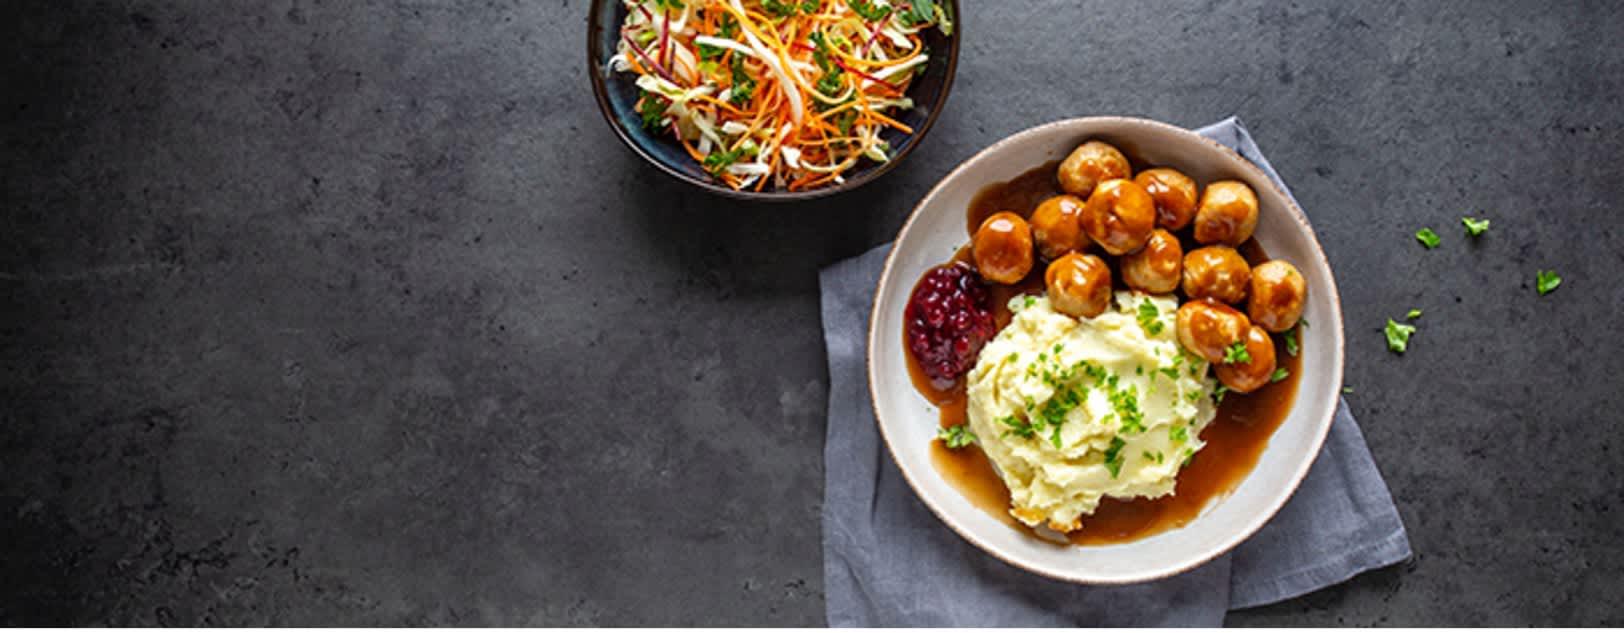 Tradisjonsmat gjort litt sunnere med kyllingkjøttboller fra Prior